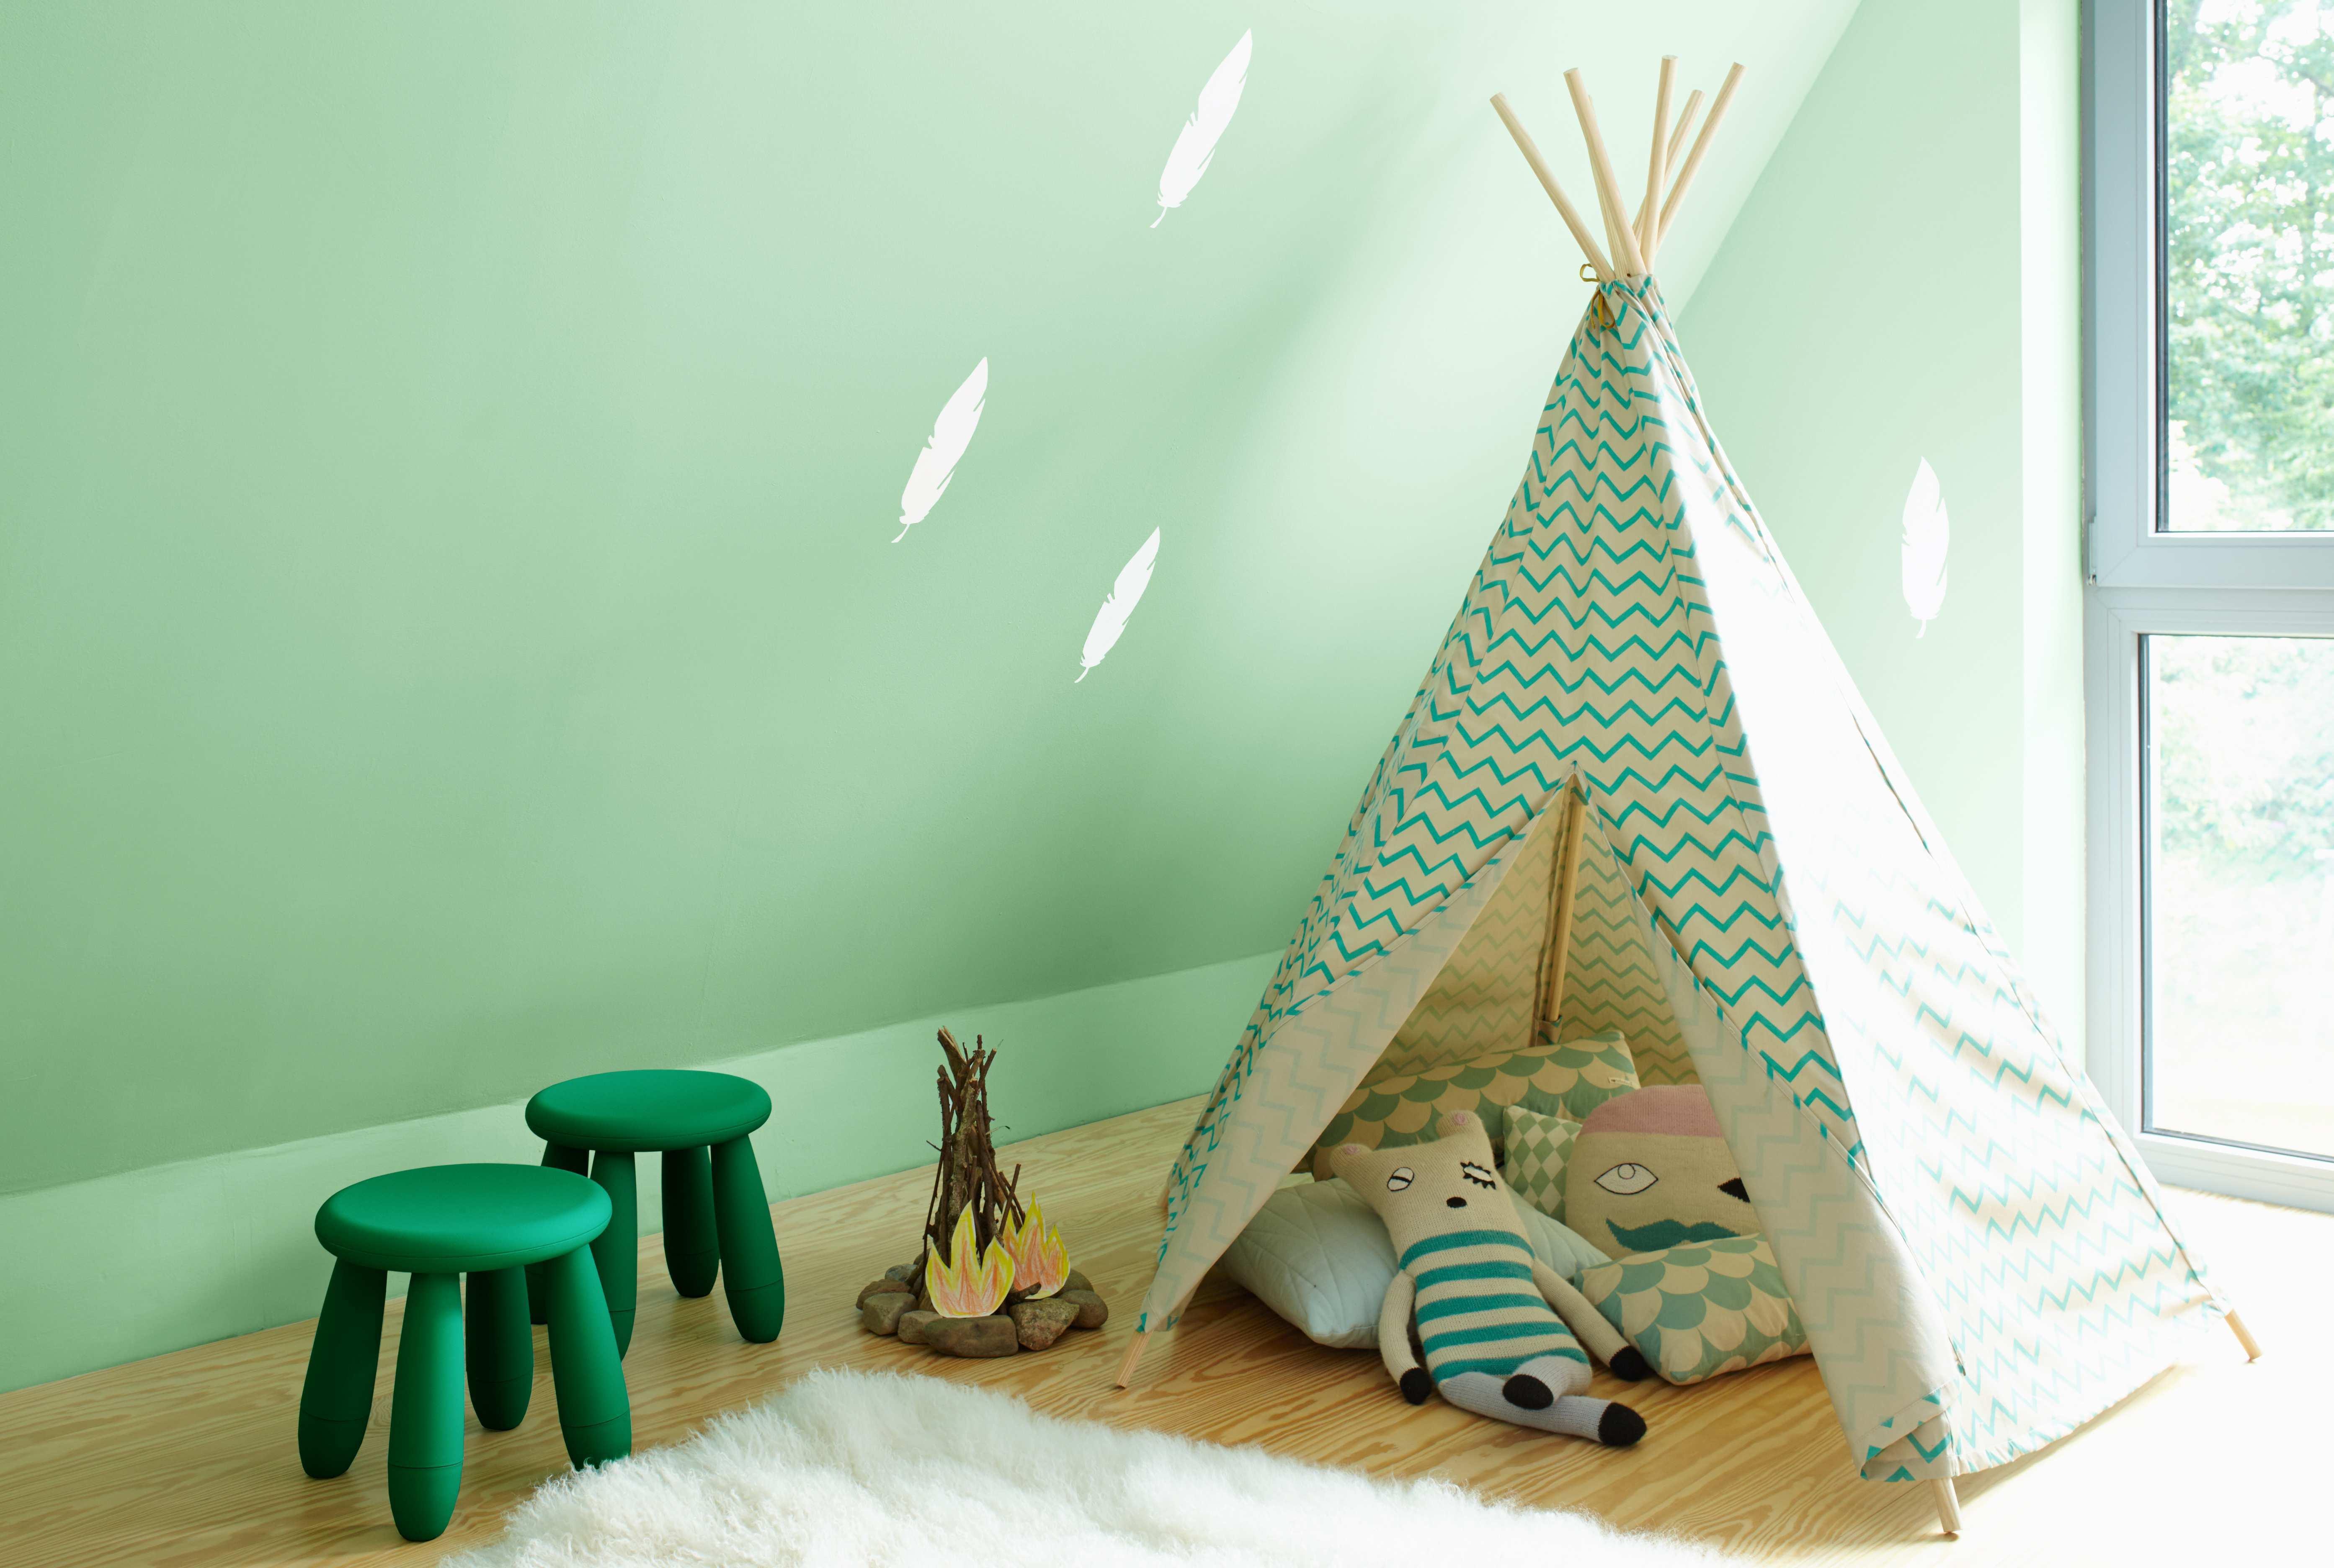 Kinderzimmer Ideen Dekoration Gestaltung